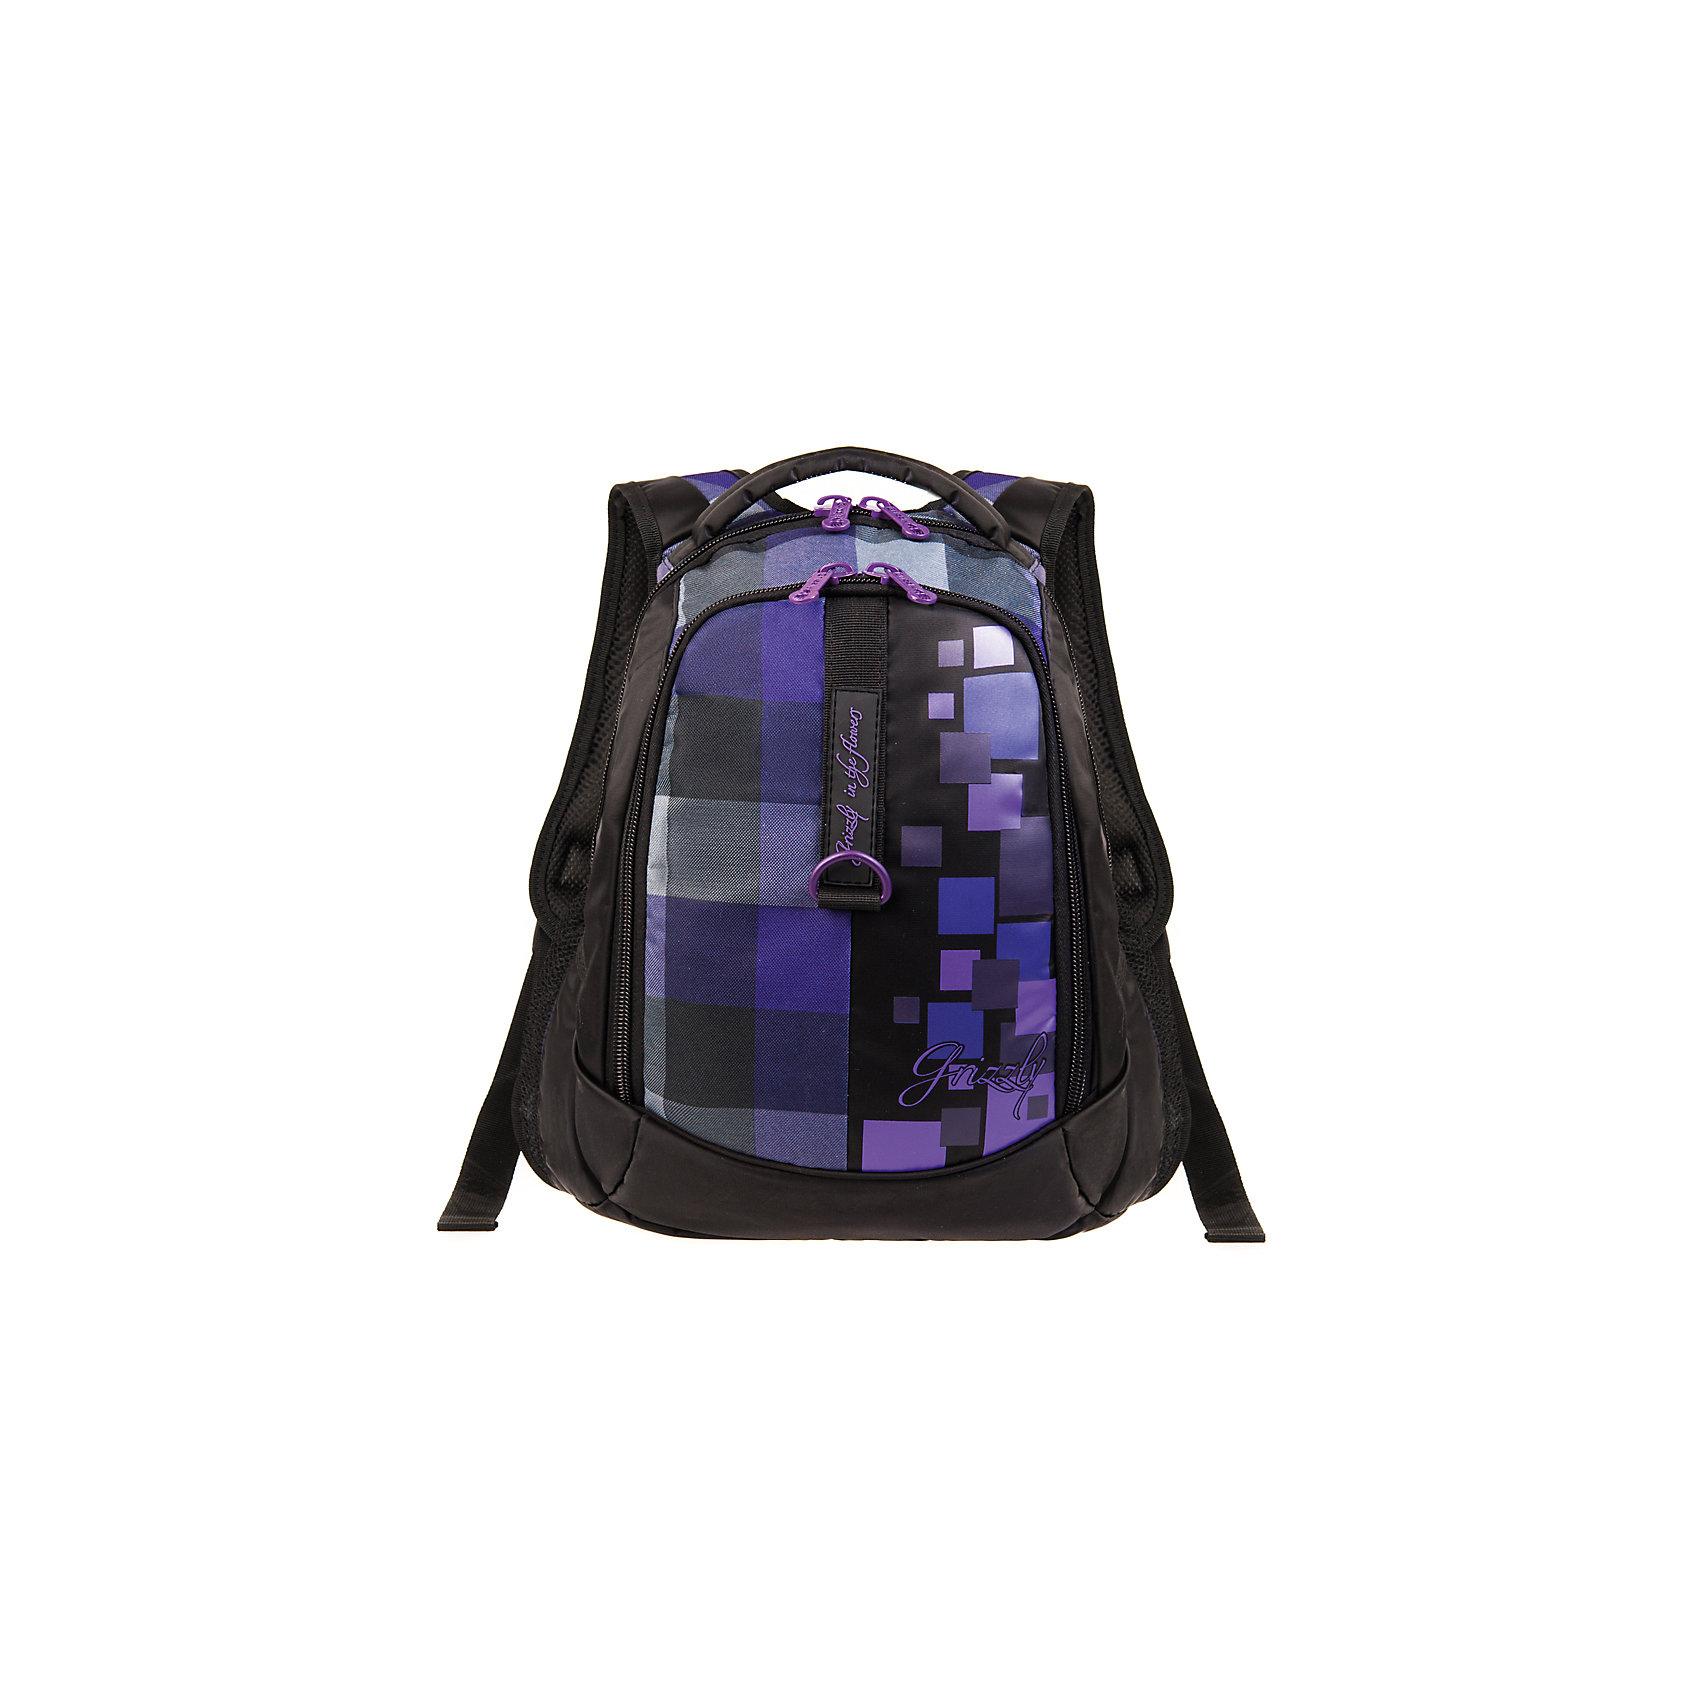 Grizzly Рюкзак Клетка, фиолетовыйРюкзаки<br>Рюкзак, Клетка, фиолетовый Grizzly (Гризли) ? рюкзак отечественного бренда Гризли молодежной серии. Рюкзак выполнен из полиэстера высокого качества, что обеспечивает легкий вес, но при этом надежность и прочность. Все швы выполнены капроновыми нитками, что делает швы особенно крепкими и устойчивыми к износу даже в течение нескольких лет. <br>Внутреннее устройство рюкзака состоит из двух вместительных отсеков, внутреннего кармана на молнии и кармана-пенала для хранения карандашей и ручек. Повышенная вместительность рюкзака обеспечивается боковыми карманами из сетки. <br>Удобство и эргономичность рюкзака создается за счет укрепленной спинки, укрепленных лямок и мягкой укрепленной ручки. Уникальность рюкзаков Grizzly заключается в том, что анатомическая спинка изготовлена из специальной ткани, которая пропускает воздух, тем самым защищает спину от повышенного потоотделения.<br>Рюкзаки молодежной серии Grizzly (Гризли) ? это не только удобство и функциональность, это еще и оригинальный современный дизайн. Рюкзак, Клетка, фиолетовый, Grizzly (Гризли) выполнен в классическом черном цвете с яркими фиолетовыми клетками, которые расположены на спереди, рисунок повторяется на лямках и спинке. <br>Рюкзак, Клетка, фиолетовый Grizzly (Гризли) ? это качество материалов, удобство и долговечность использования. <br><br>Дополнительная информация:<br><br>- Вес: 770 г<br>- Габариты (Д*Г*В): 31*20*42 см<br>- Цвет: черный, фиолетовый<br>- Материал: полиэстер <br>- Сезон: круглый год<br>- Коллекция: молодежная <br>- Год коллекции: 2016 <br>- Пол: мужской/женский<br>- Предназначение: для школы, для занятий спортом<br>- Особенности ухода: можно чистить влажной щеткой или губкой, допускается ручная стирка<br><br>Подробнее:<br><br>• Для школьников в возрасте: от 8 лет и до 12 лет<br>• Страна производитель: Россия<br>• Торговый бренд: Grizzly<br><br>Рюкзак, Клетка, фиолетовый, Grizzly (Гризли) можно купить в нашем интернет-магазине.<br><br>Ширина мм